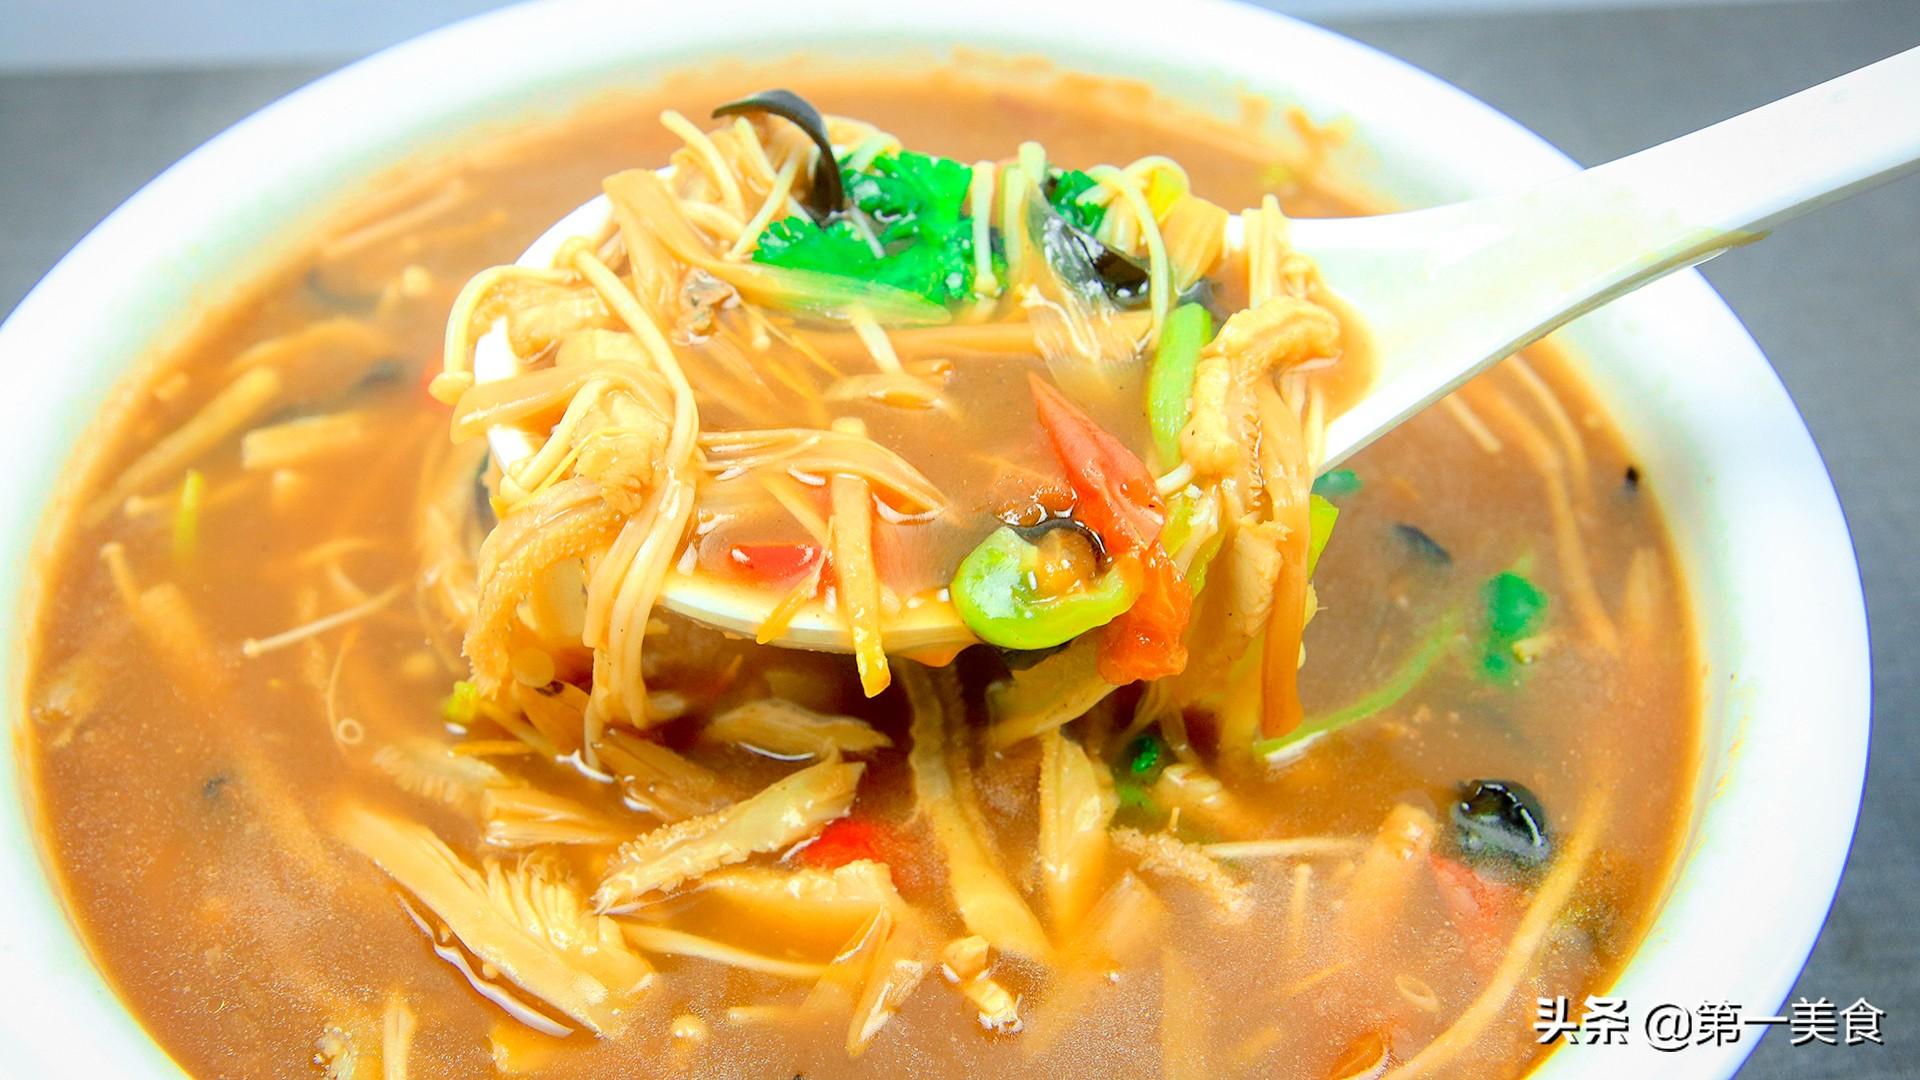 厨师长分享河南名菜酸辣肚丝汤 学会这些小技巧 想不好喝都难